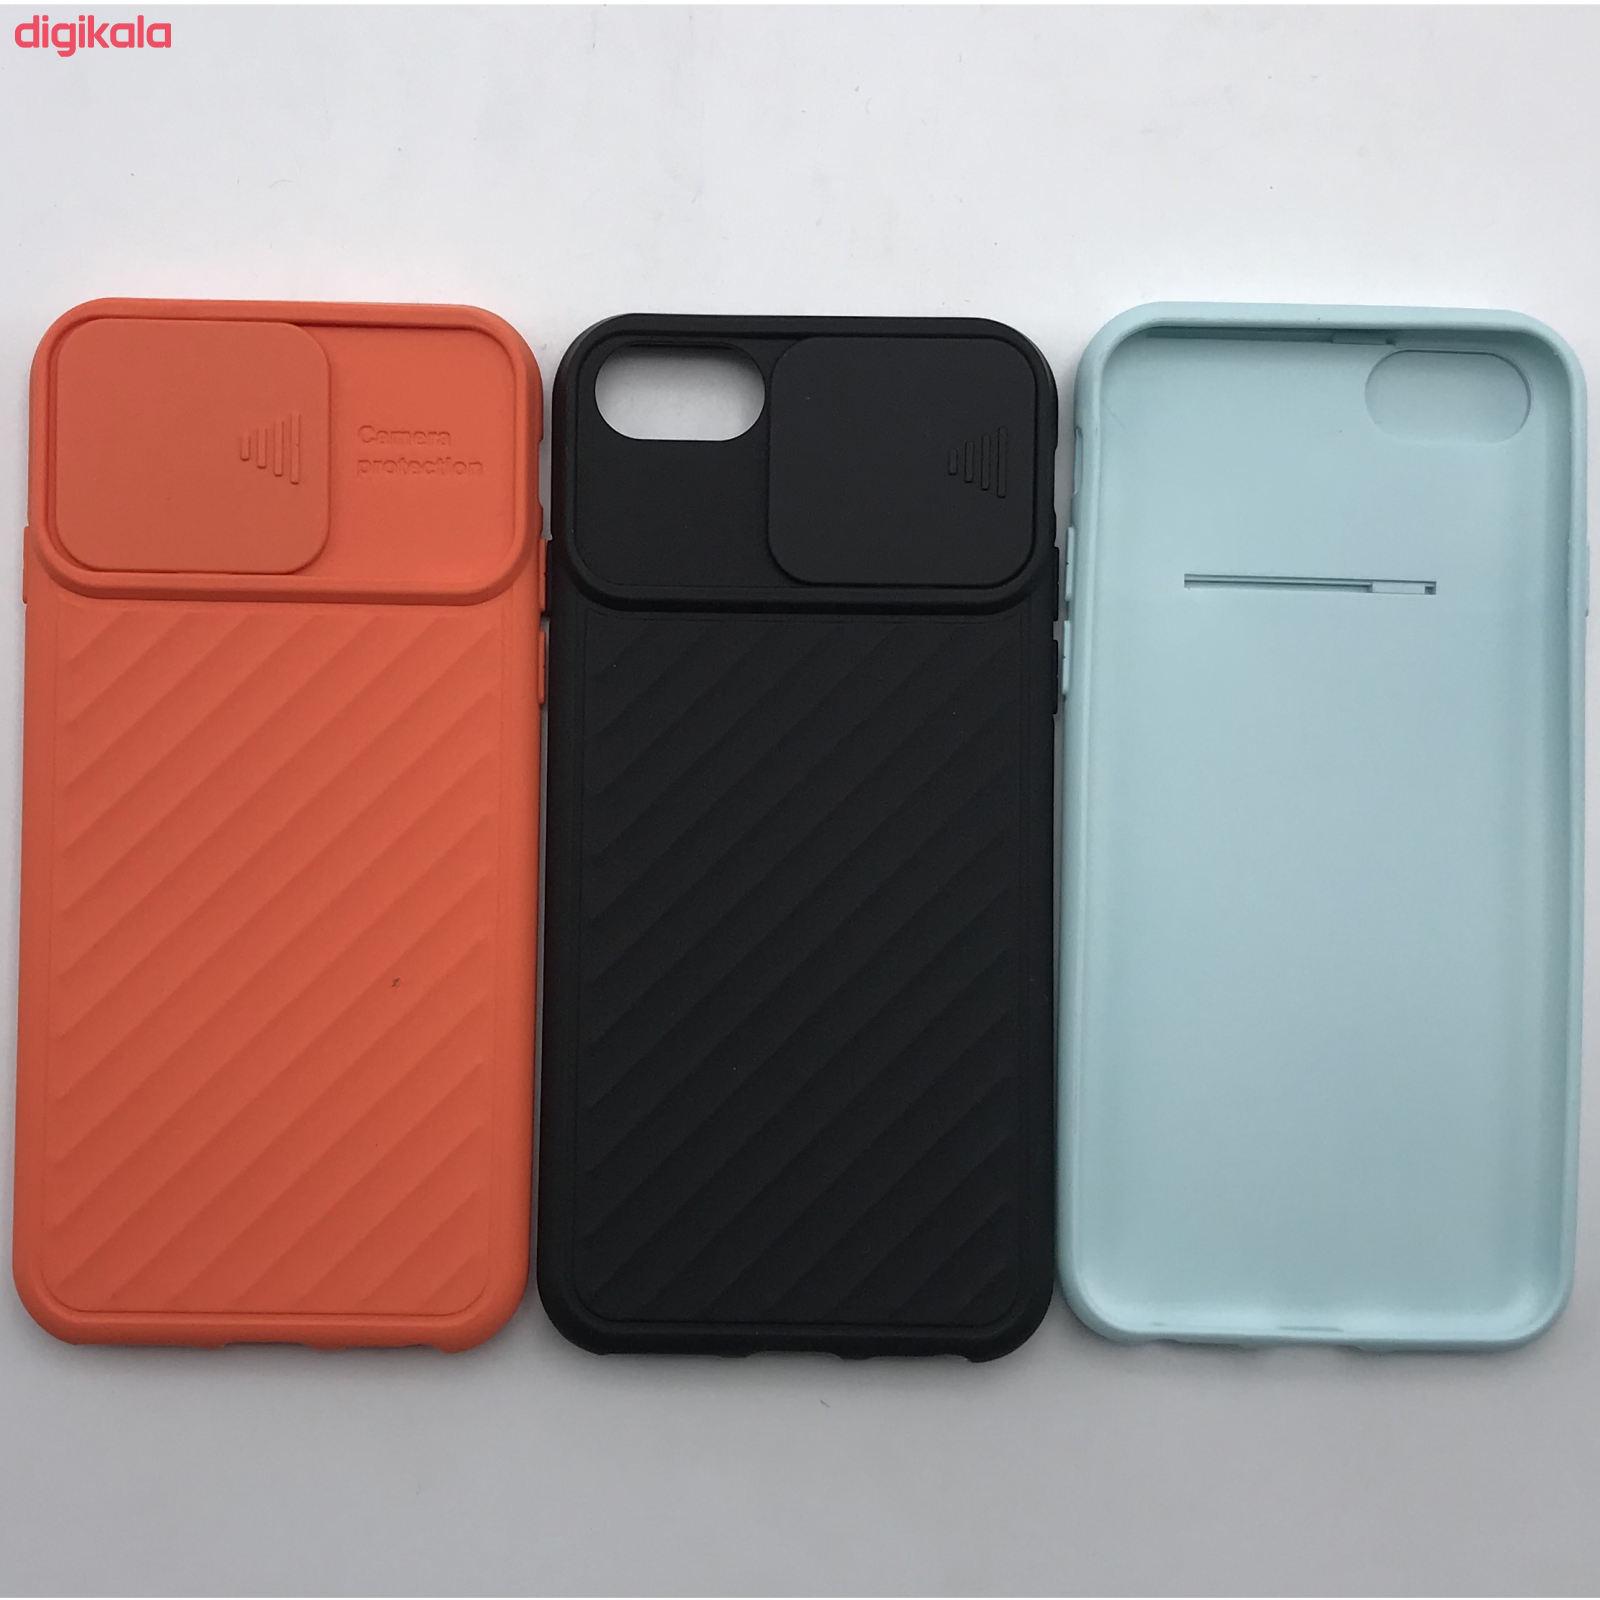 کاور مدل H67 مناسب برای گوشی موبایل اپل Iphone 7Plus/8Plus main 1 9